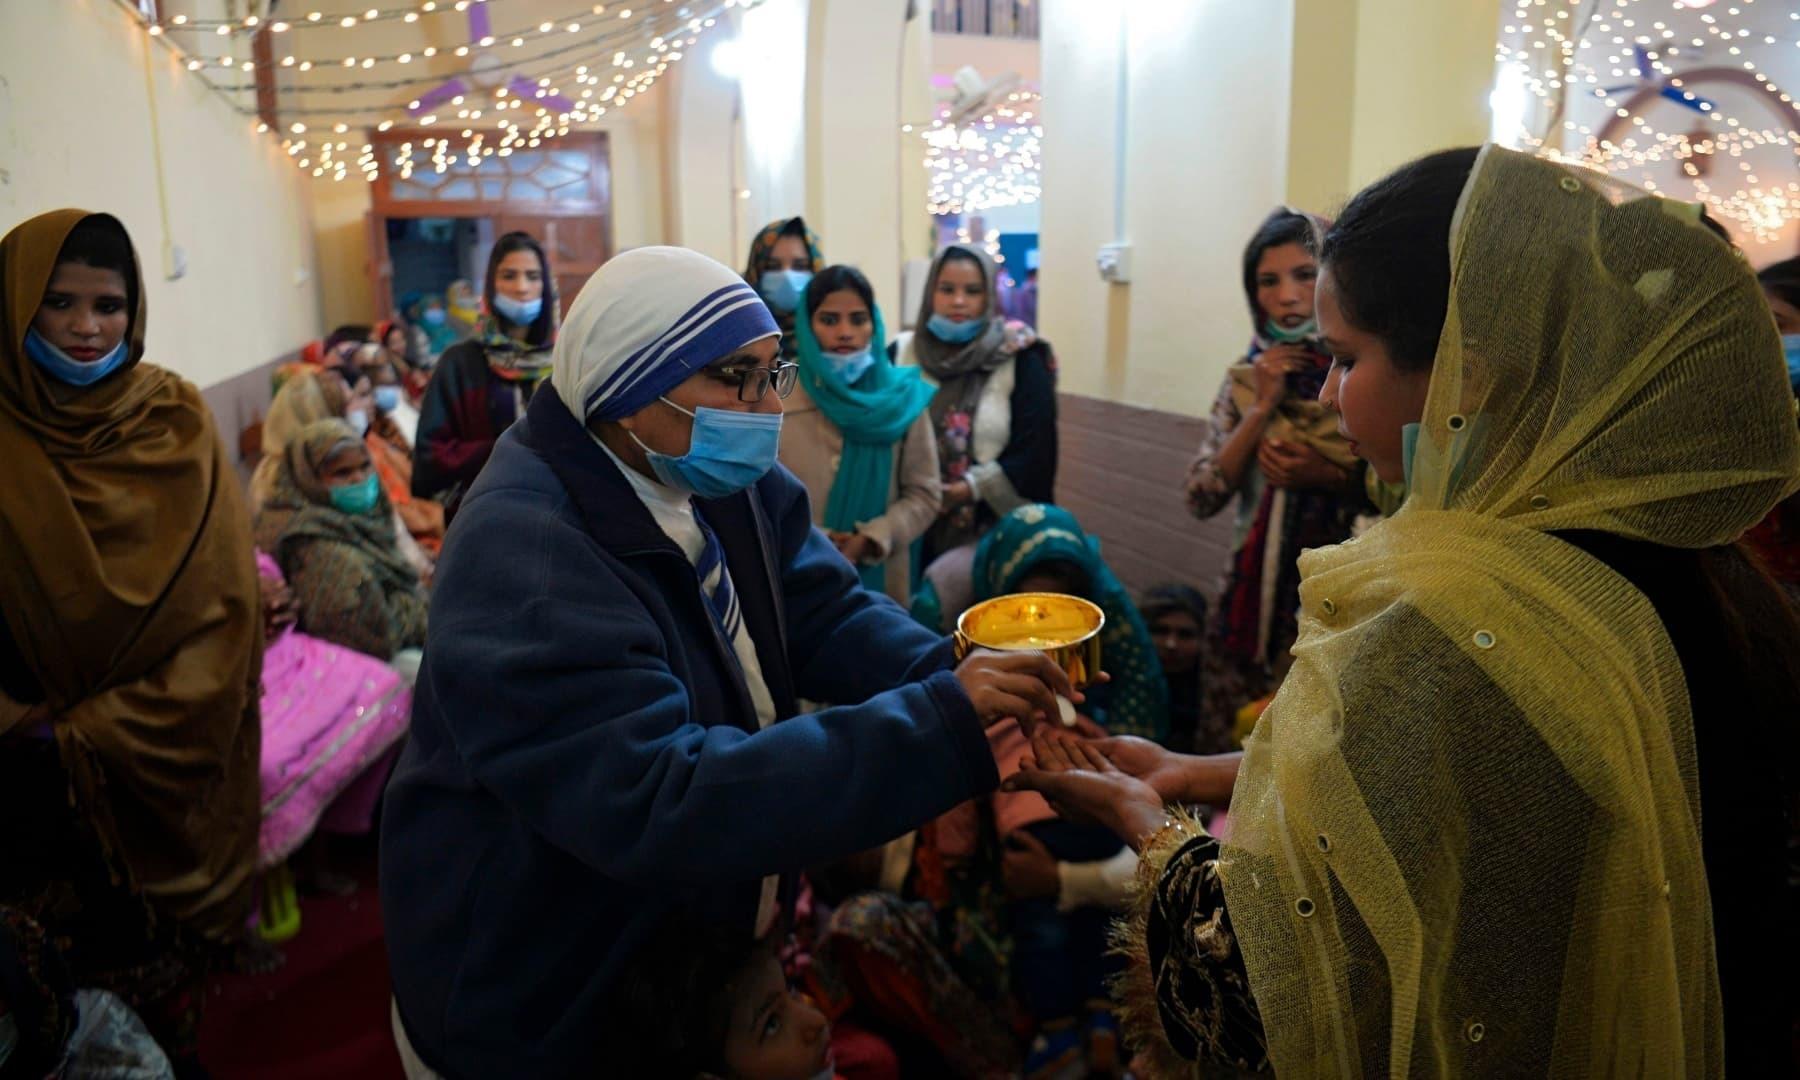 ہولی فیلی کیتھولک چرچ راولپنڈی میں تقریب میں شریک افراد نے ماسک پہن رکھے تھے — فوٹو: اے ایف پی